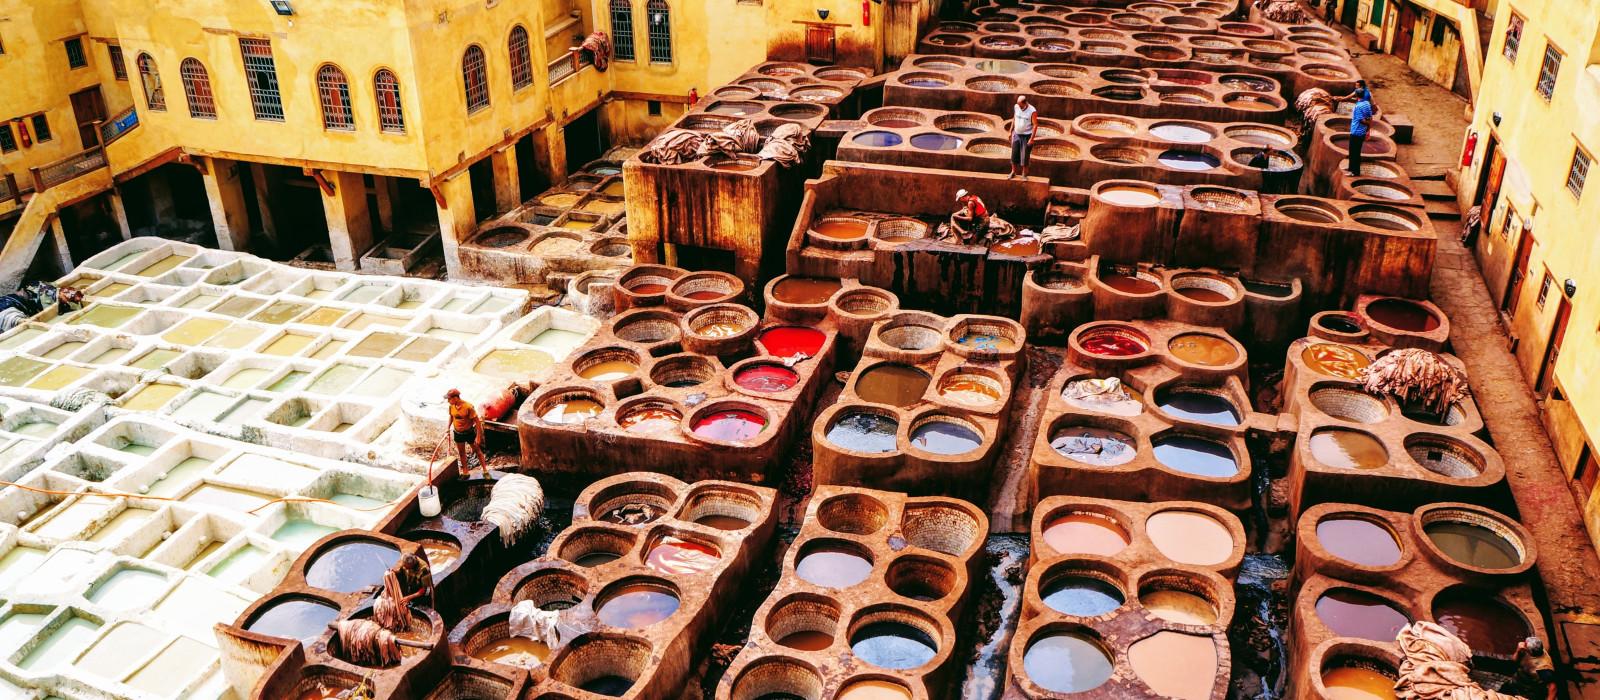 Hotel Riad Salam Fes Morocco